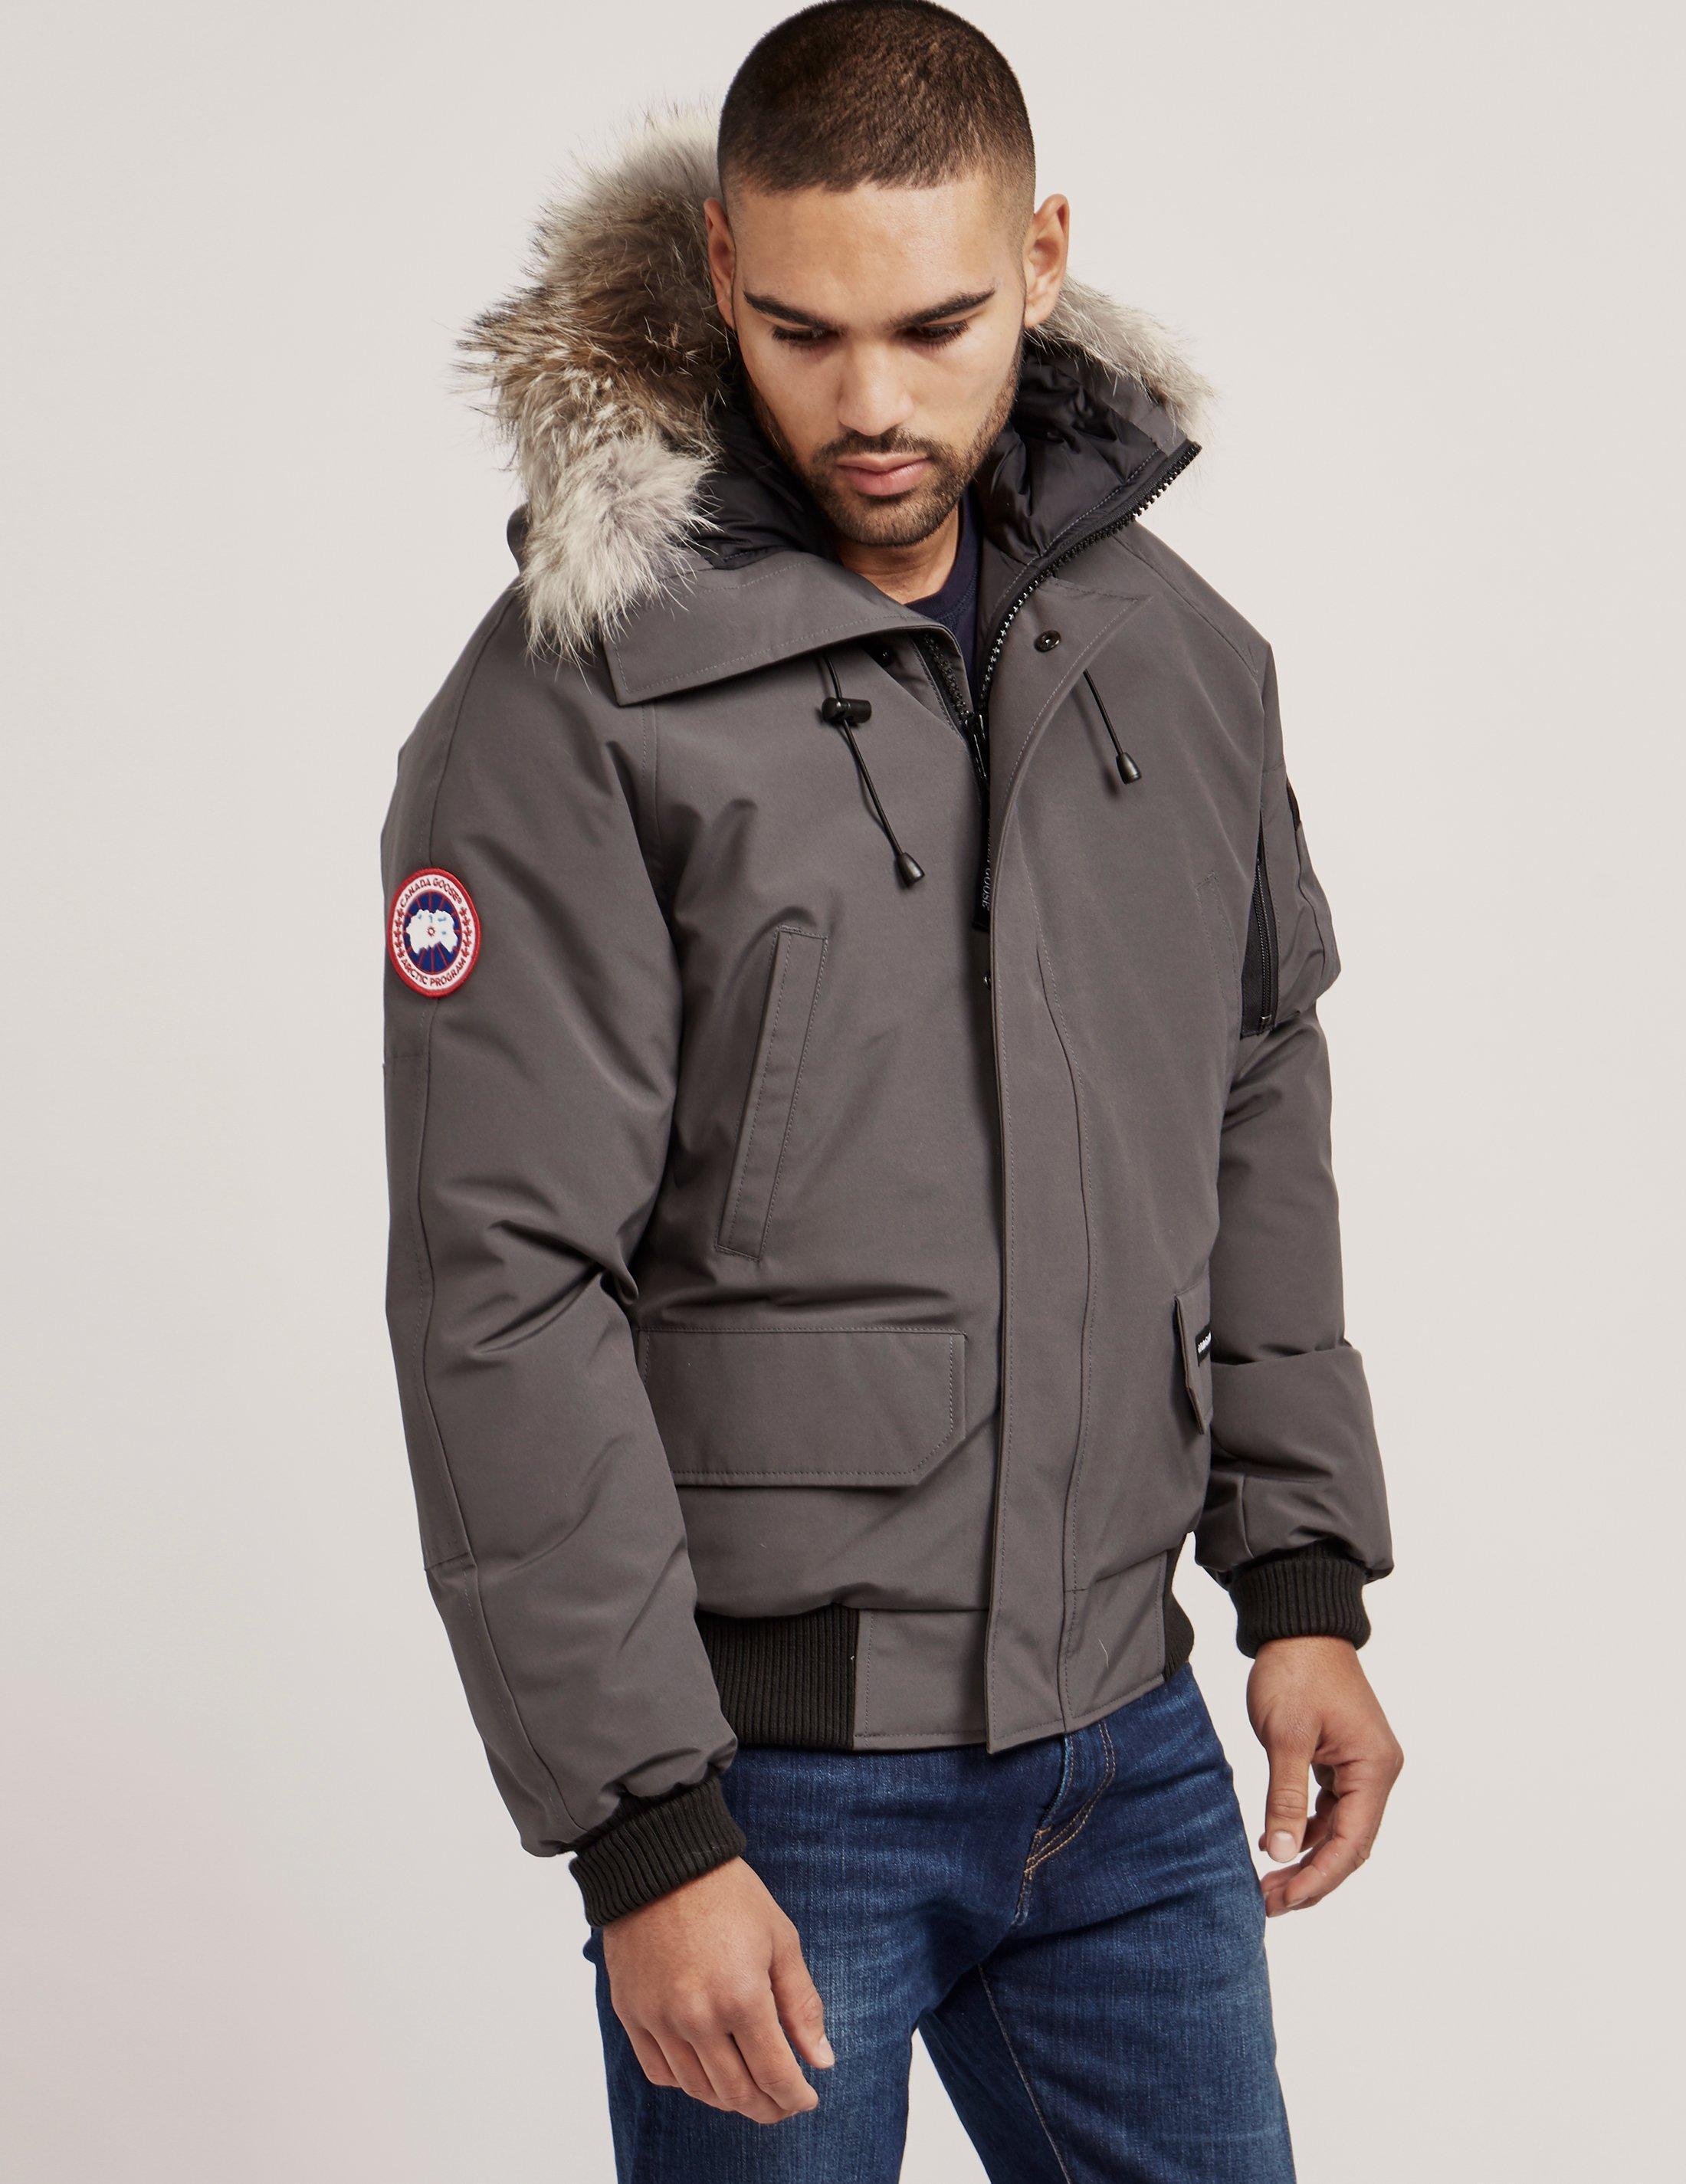 Canada goose jacket chilliwack